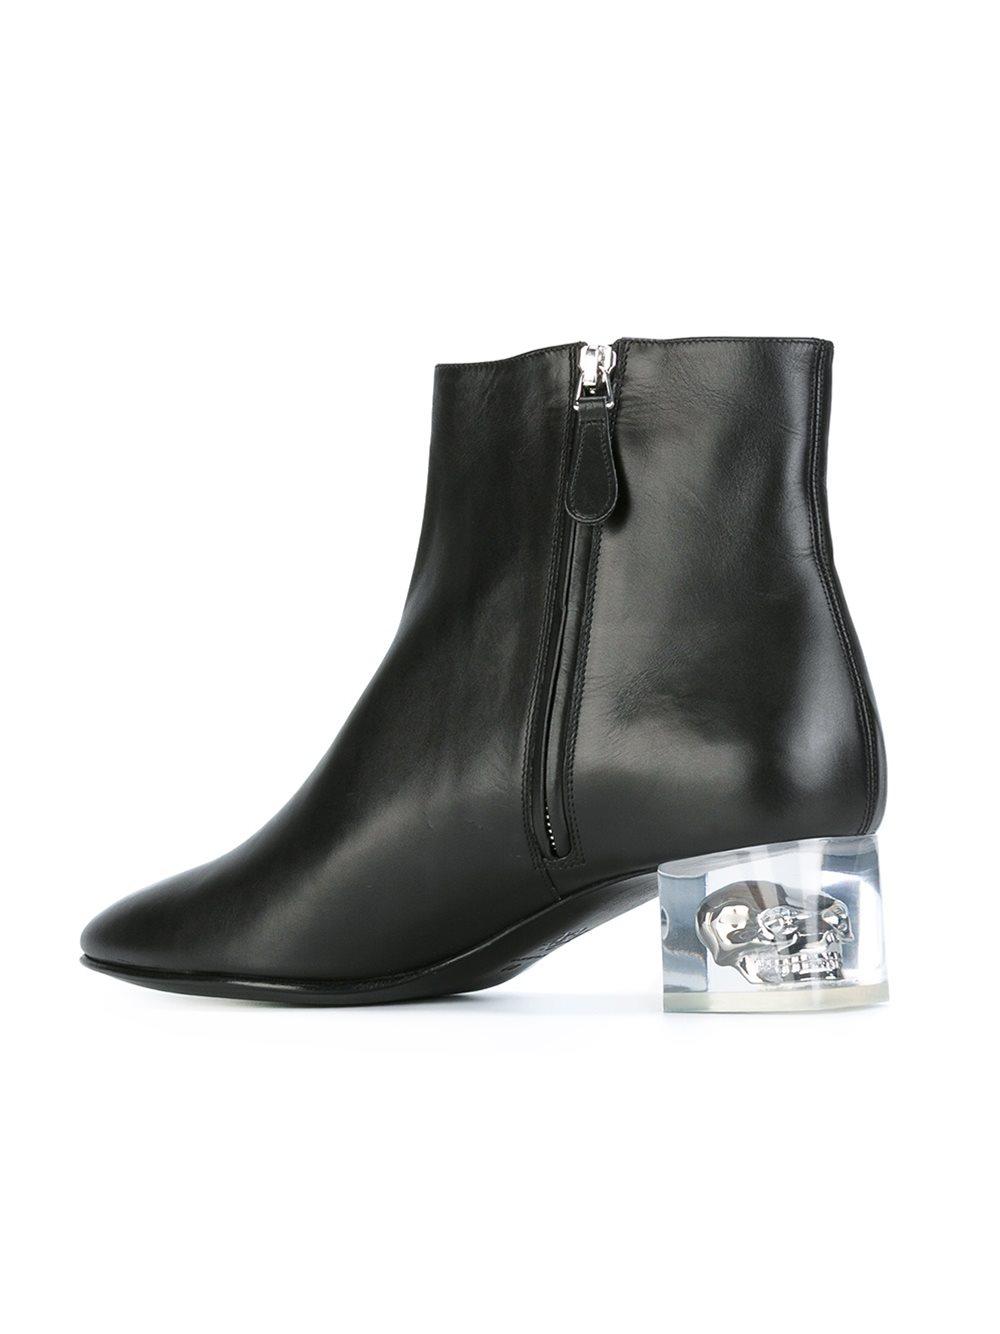 Alexander Mcqueen Leather Skull Heel Ankle Boots In Black